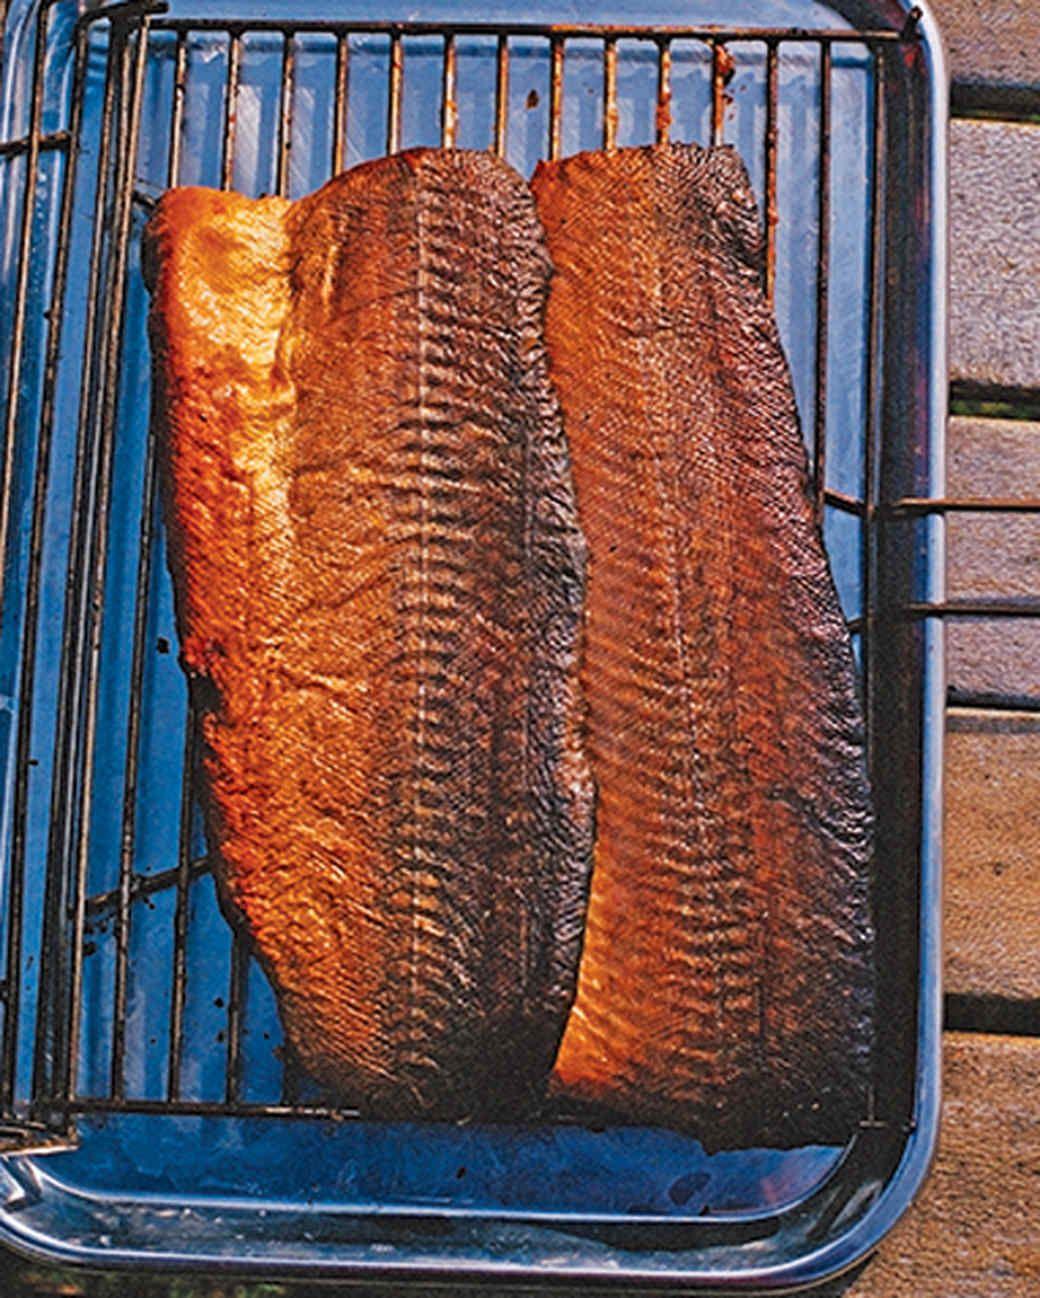 How to Smoke Fish Receita imagens) Peixe e